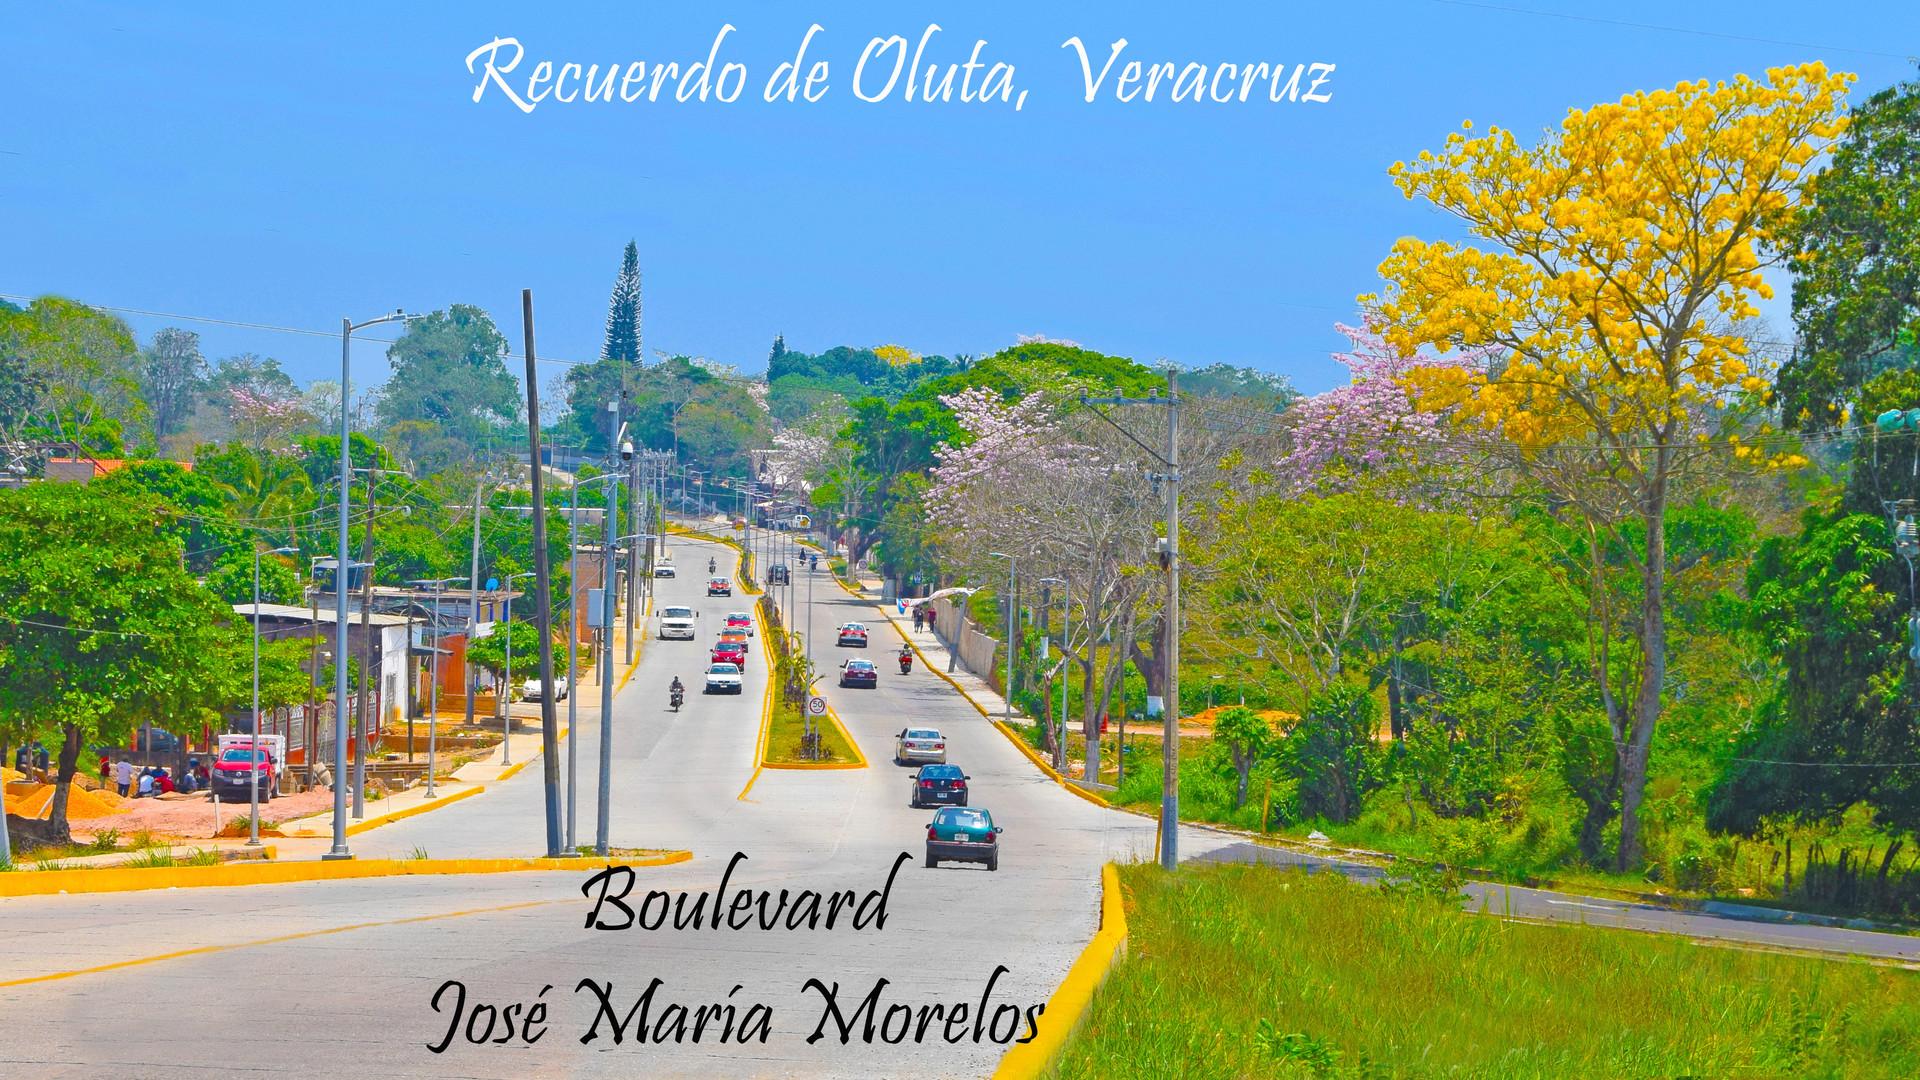 Boulevard Oluta